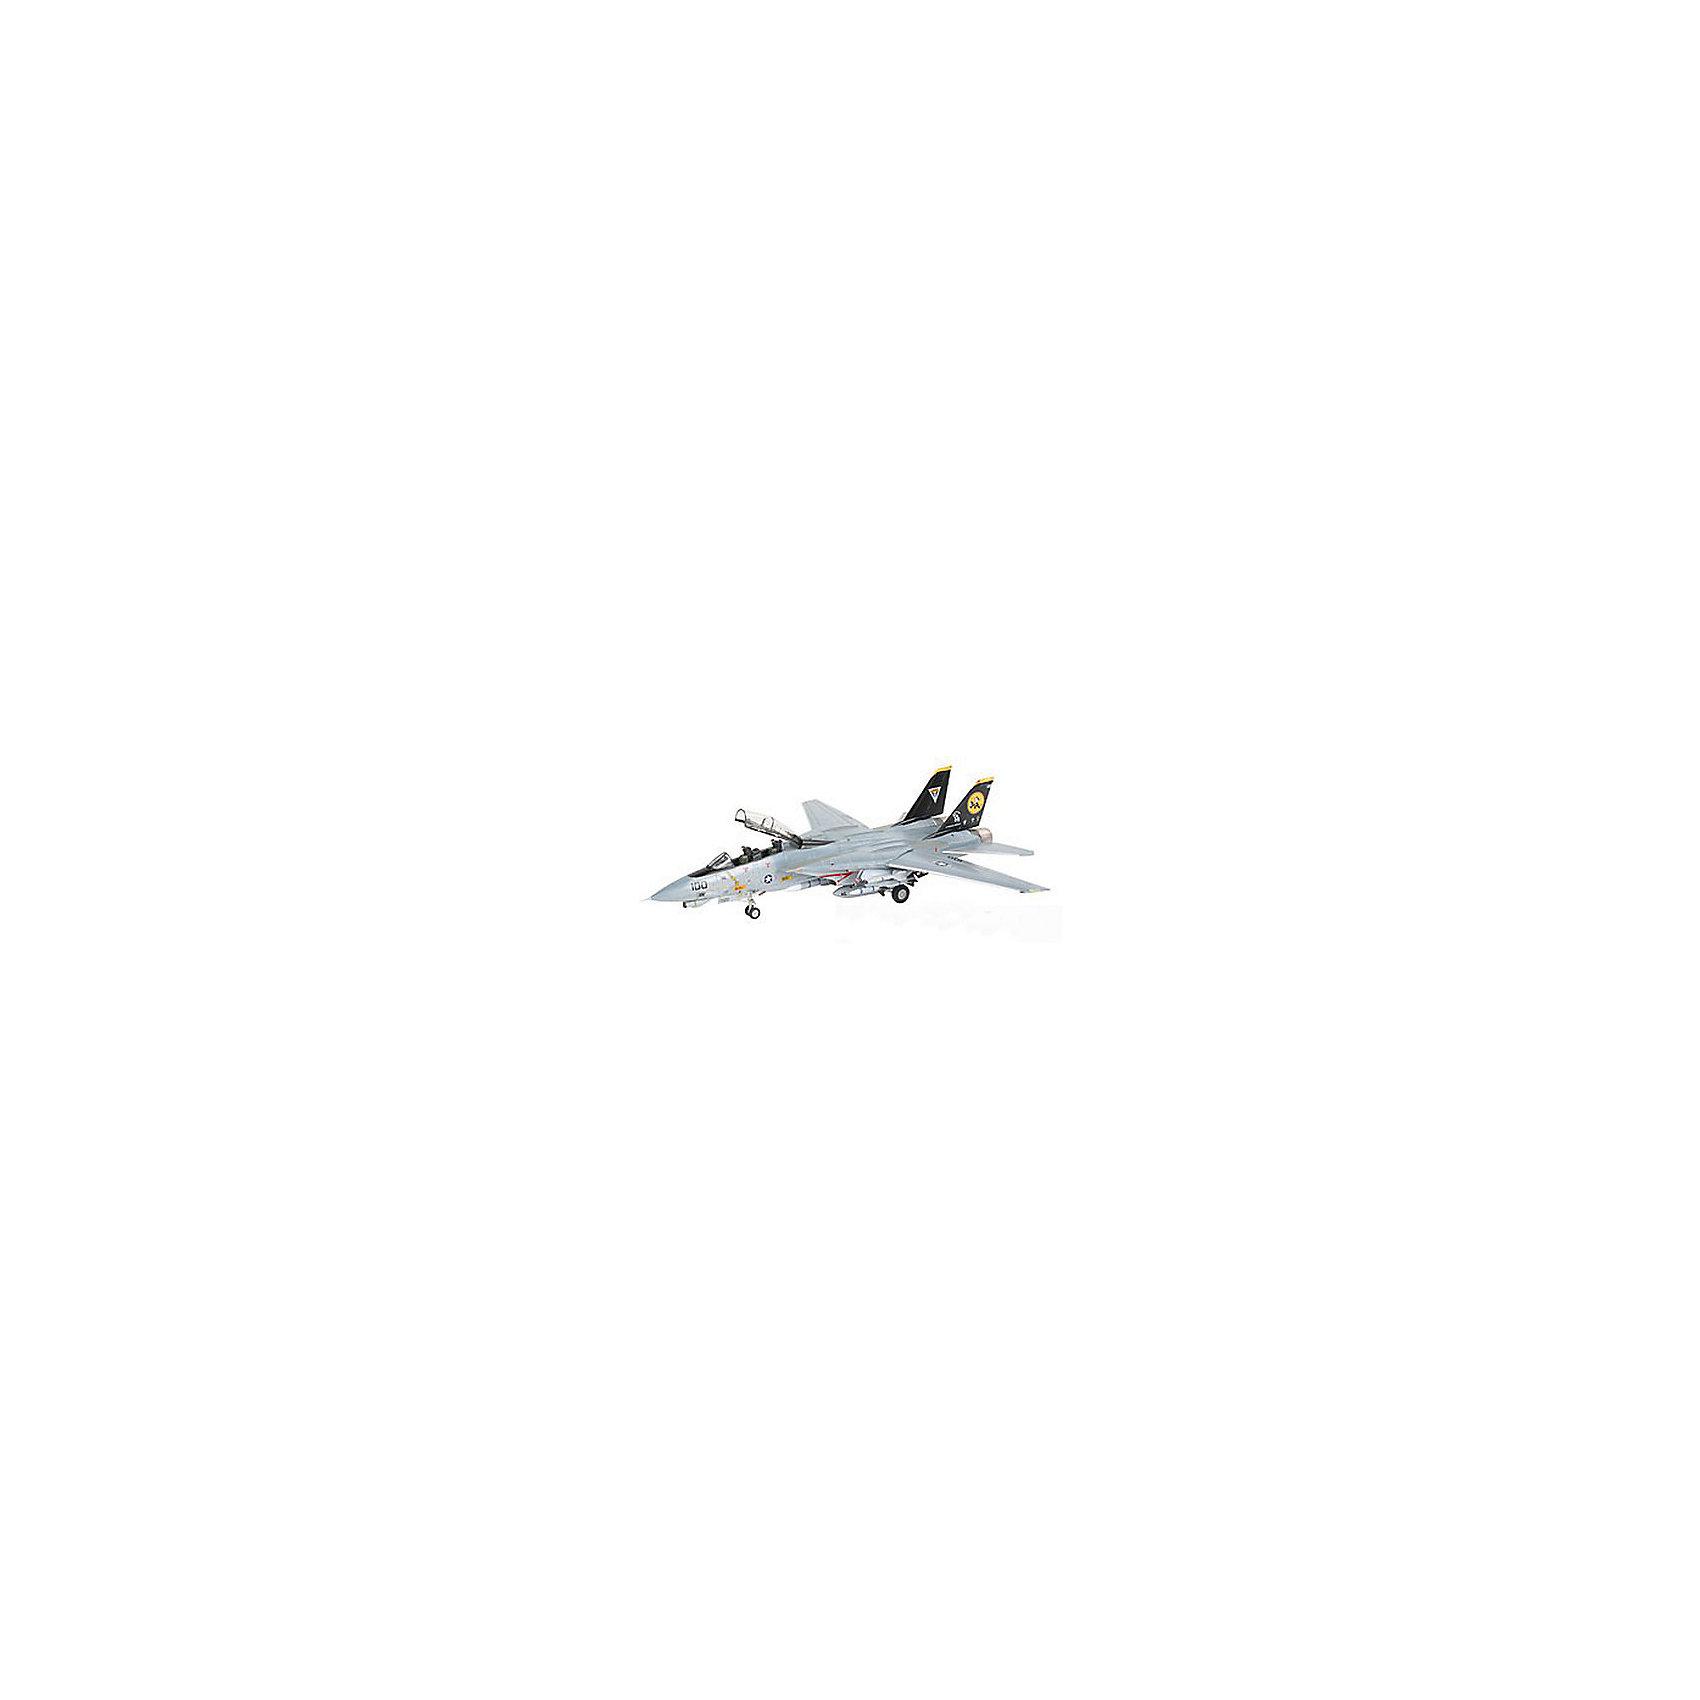 Истребитель F-14D Super Tomcat (1:144)Модели для склеивания<br>Характеристики товара:<br><br>• возраст: от 10 лет;<br>• масштаб: 1:144;<br>• количество деталей: 57 шт;<br>• материал: пластик; <br>• клей и краски в комплект не входят;<br>• длина модели: 13,4 см;<br>• размах крыльев: 13 см;<br>• бренд, страна бренда: Revell (Ревел), Германия;<br>• страна-изготовитель: Польша.<br><br>Набор для сборки «Истребитель F-14D Super Tomcat» поможет вам и вашему ребенку придумать увлекательное занятие на долгое время и весело провести свой досуг. Модель отличается высокой степенью детализации поверхности. Шасси истребителя могут быть установлены в двух положениях. Модель оснащена проработанной деколью.<br><br>В набор входят 57 пластиковых деталей, которые помогут воссоздать истребитель. Детали можно собрать и без помощи клея, на защелки, согласно инструкции. Готовый истребитель украсит стол или книжную полку ребенка. Краски и клей в комплект не входят.<br><br>Процесс сборки развивает интеллектуальные и инструментальные способности, воображение и конструктивное мышление, а также прививает практические навыки работы со схемами и чертежами.<br><br>Набор для сборки «Истребитель F-14D Super Tomcat », 57 дет., Revell (Ревел) можно купить в нашем интернет-магазине.<br><br>Ширина мм: 9999<br>Глубина мм: 9999<br>Высота мм: 9999<br>Вес г: 9999<br>Возраст от месяцев: -2147483648<br>Возраст до месяцев: 2147483647<br>Пол: Унисекс<br>Возраст: Детский<br>SKU: 1772973